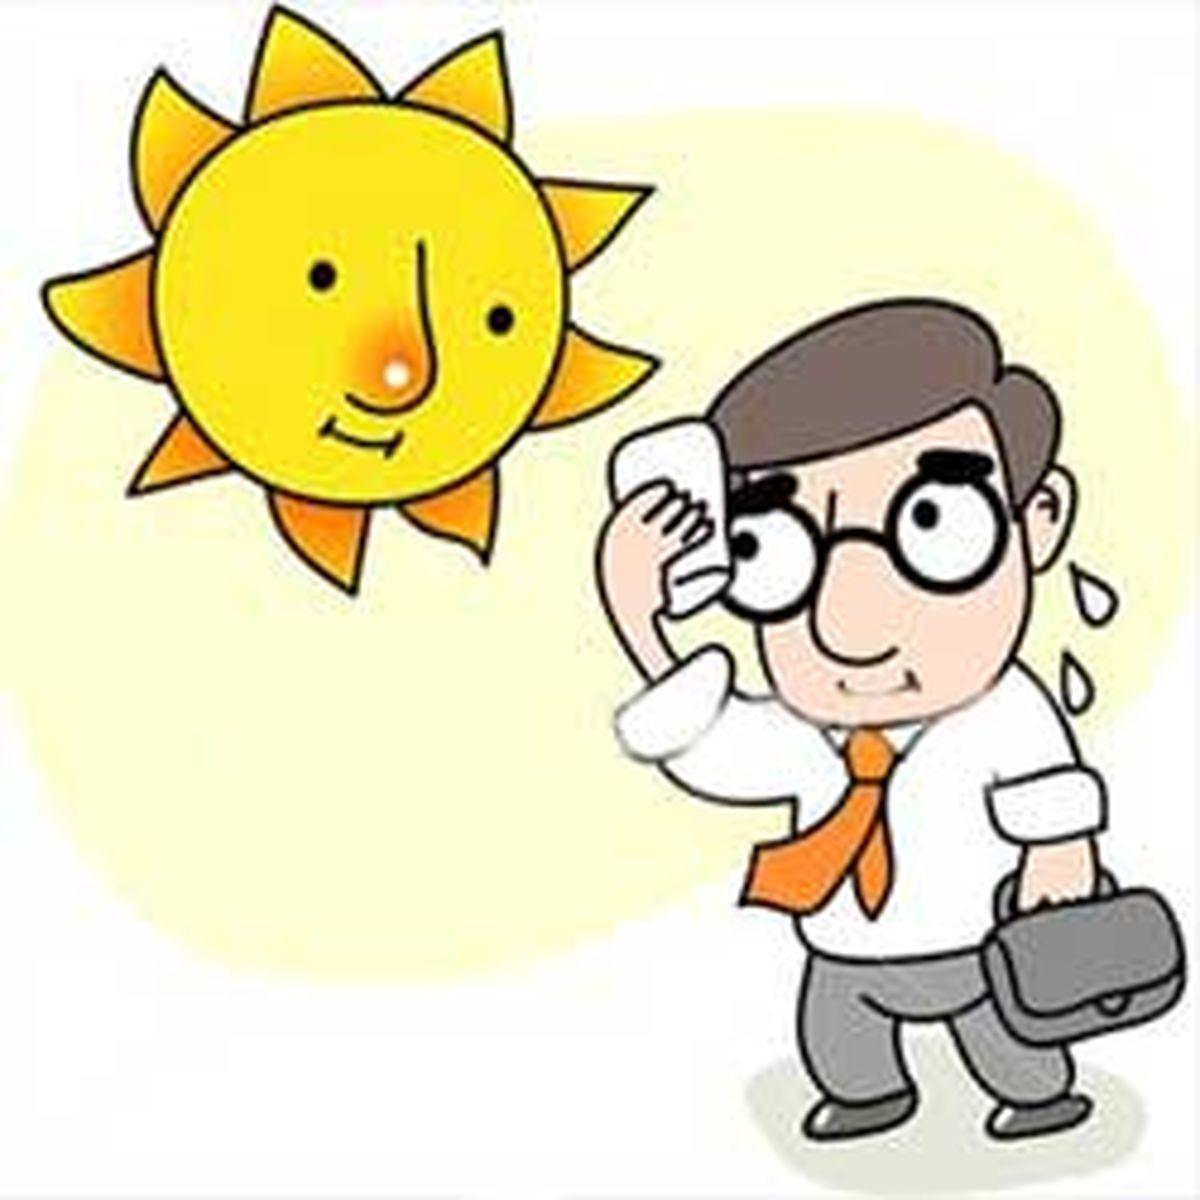 اس ام اس های جدید و تازه مخصوص روزهای گرم